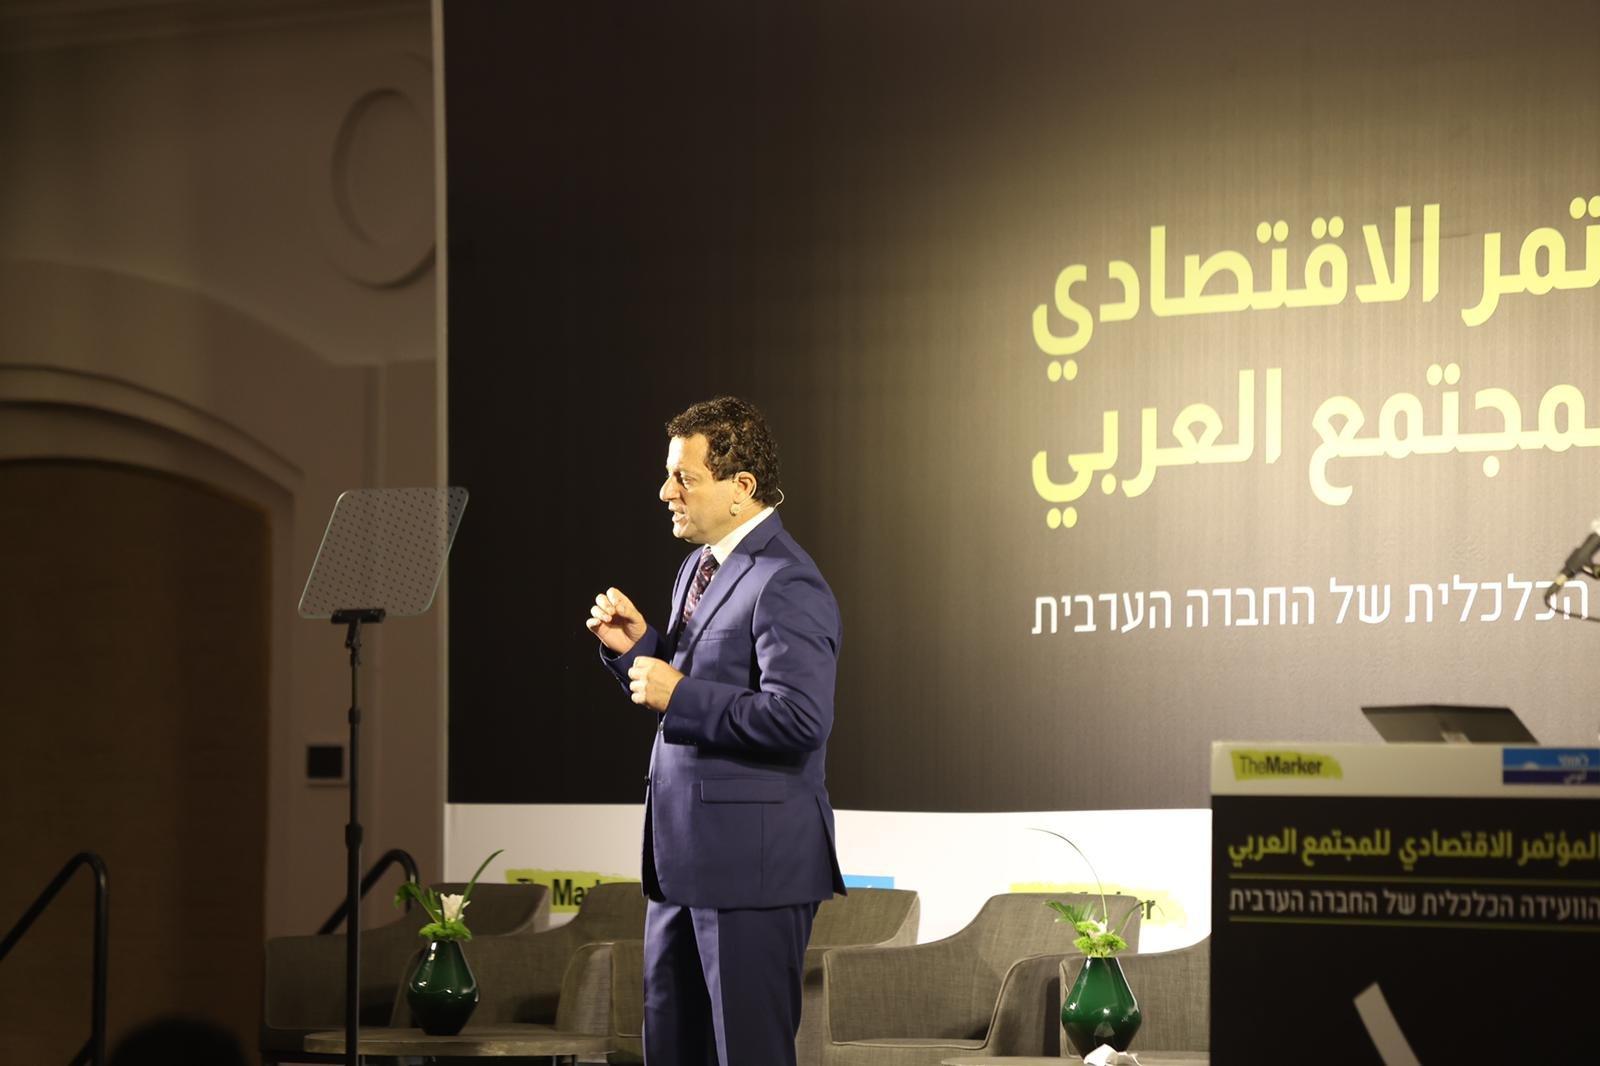 مشاركة كبيرة ومحاضرات هامة في المؤتمر الاقتصادي للمجتمع العربي بالناصرة-8